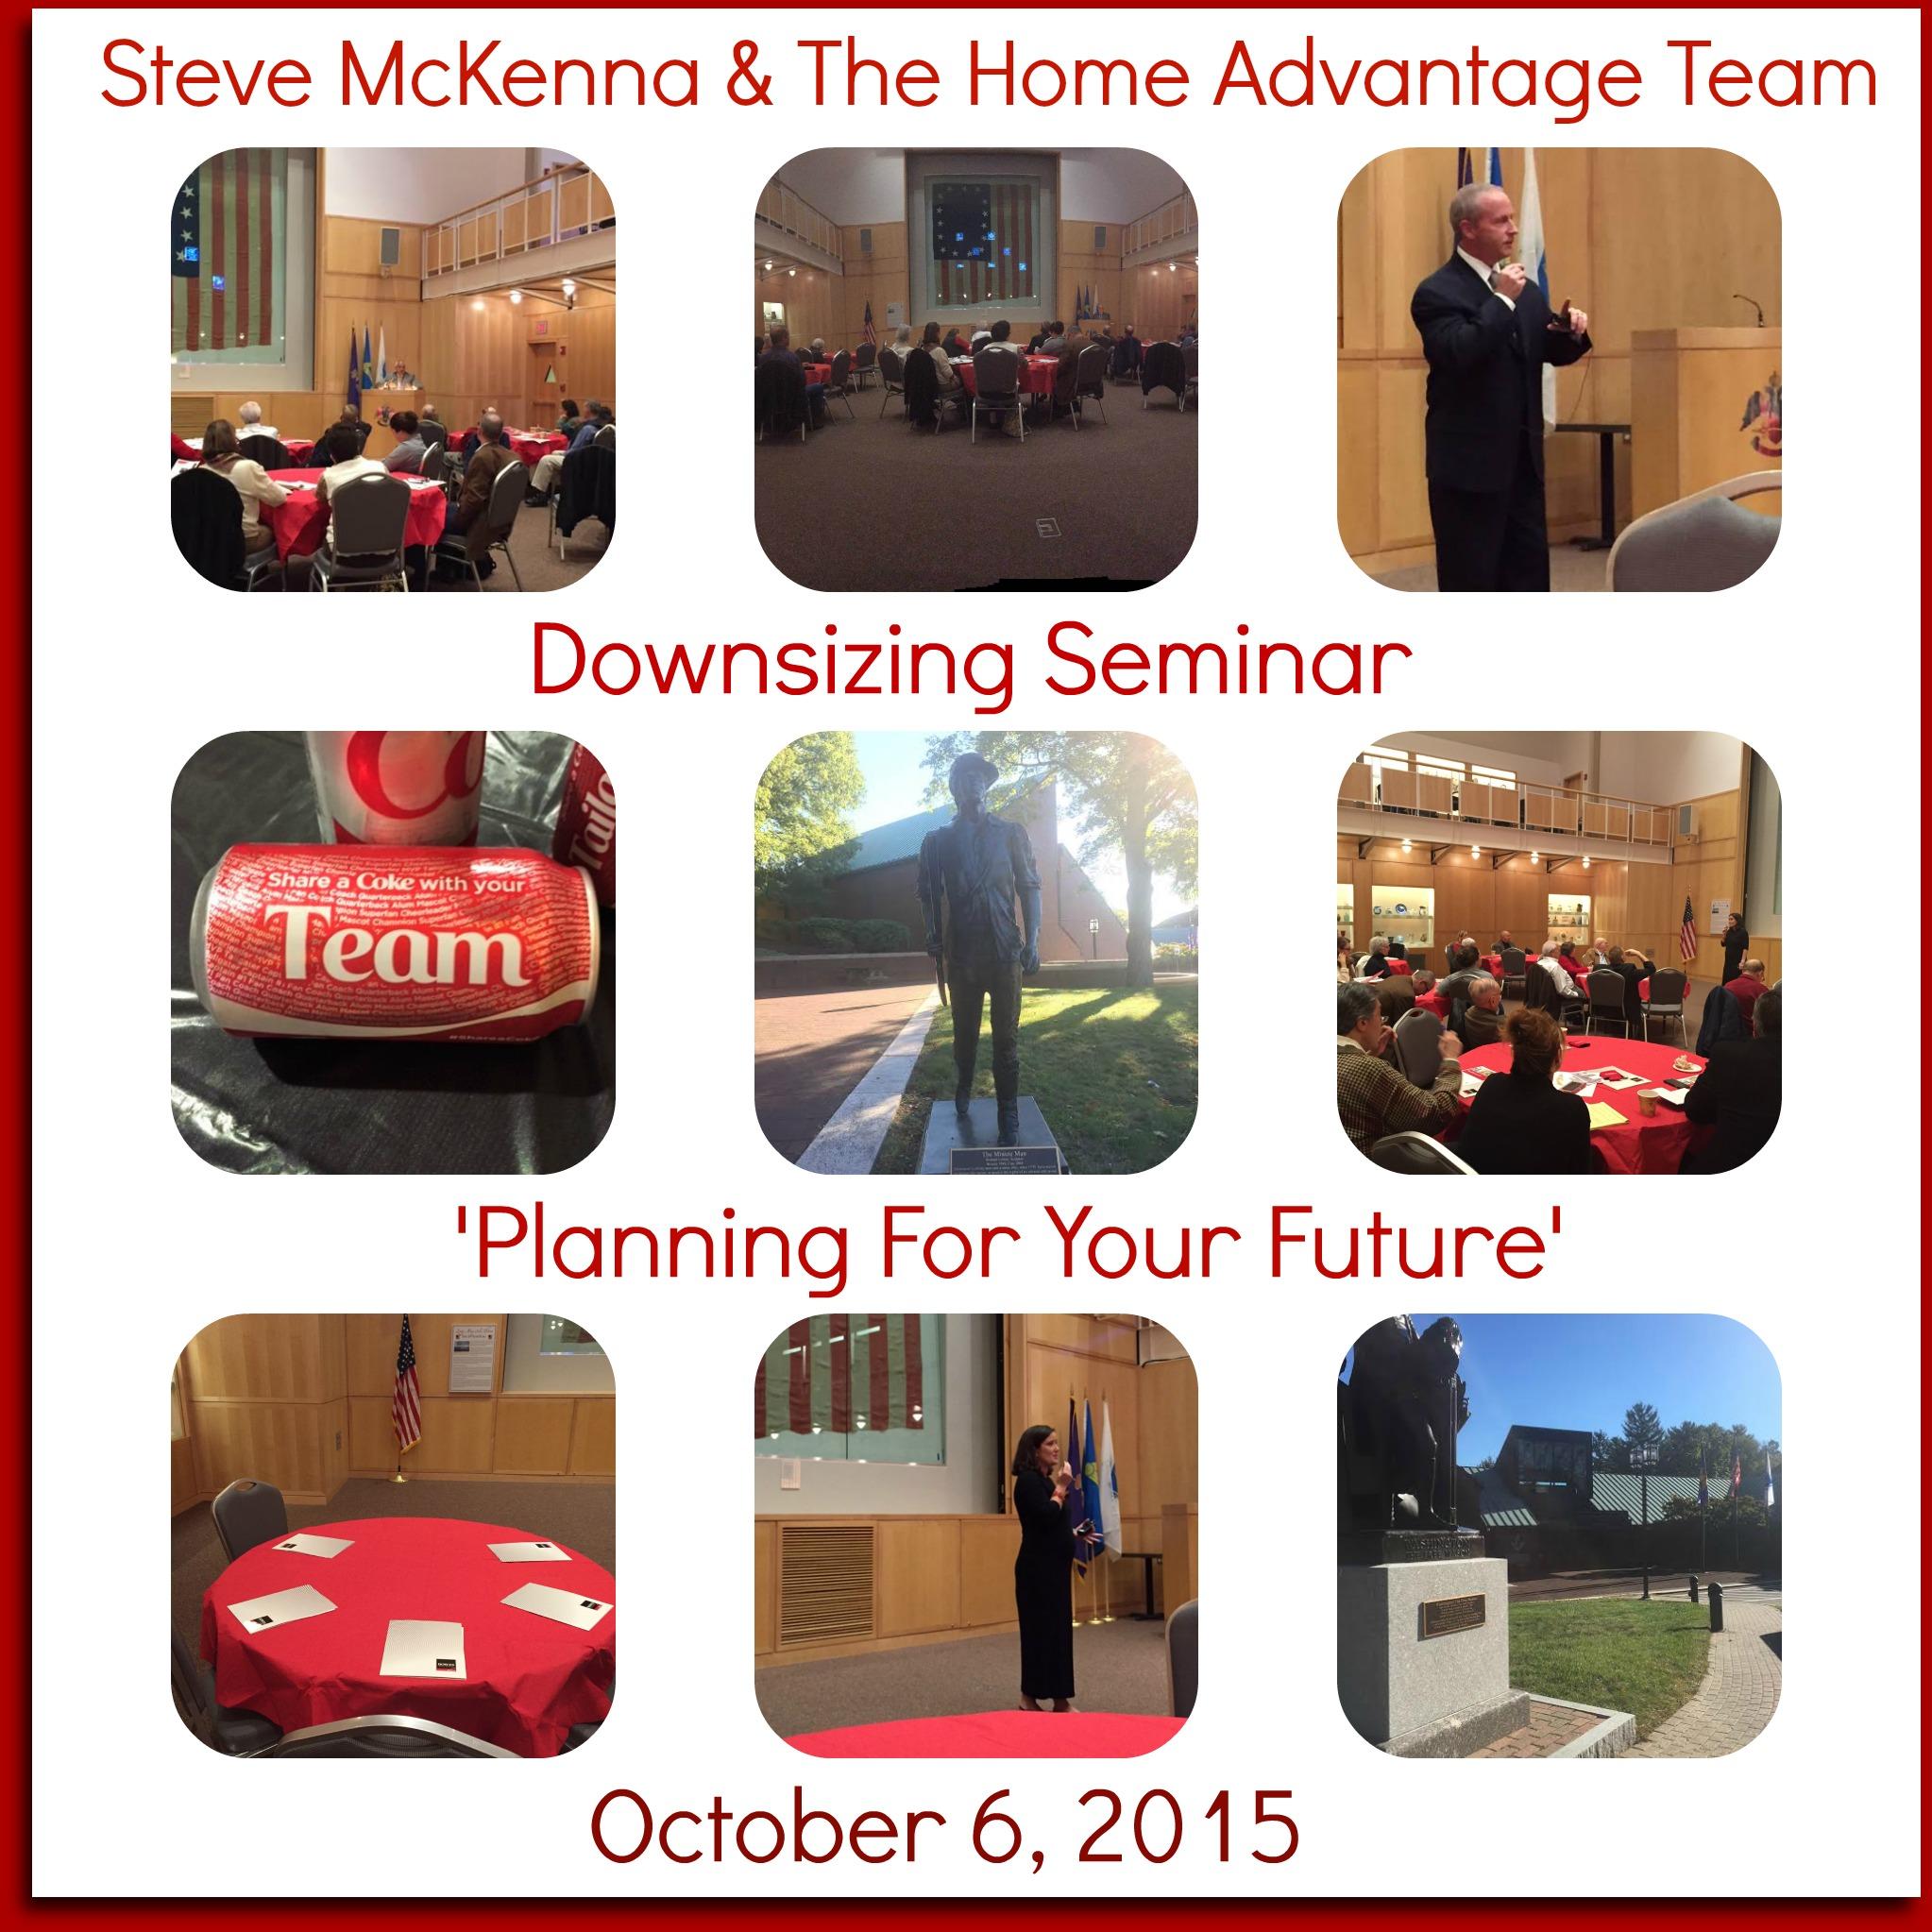 Fall Downsizing Seminar